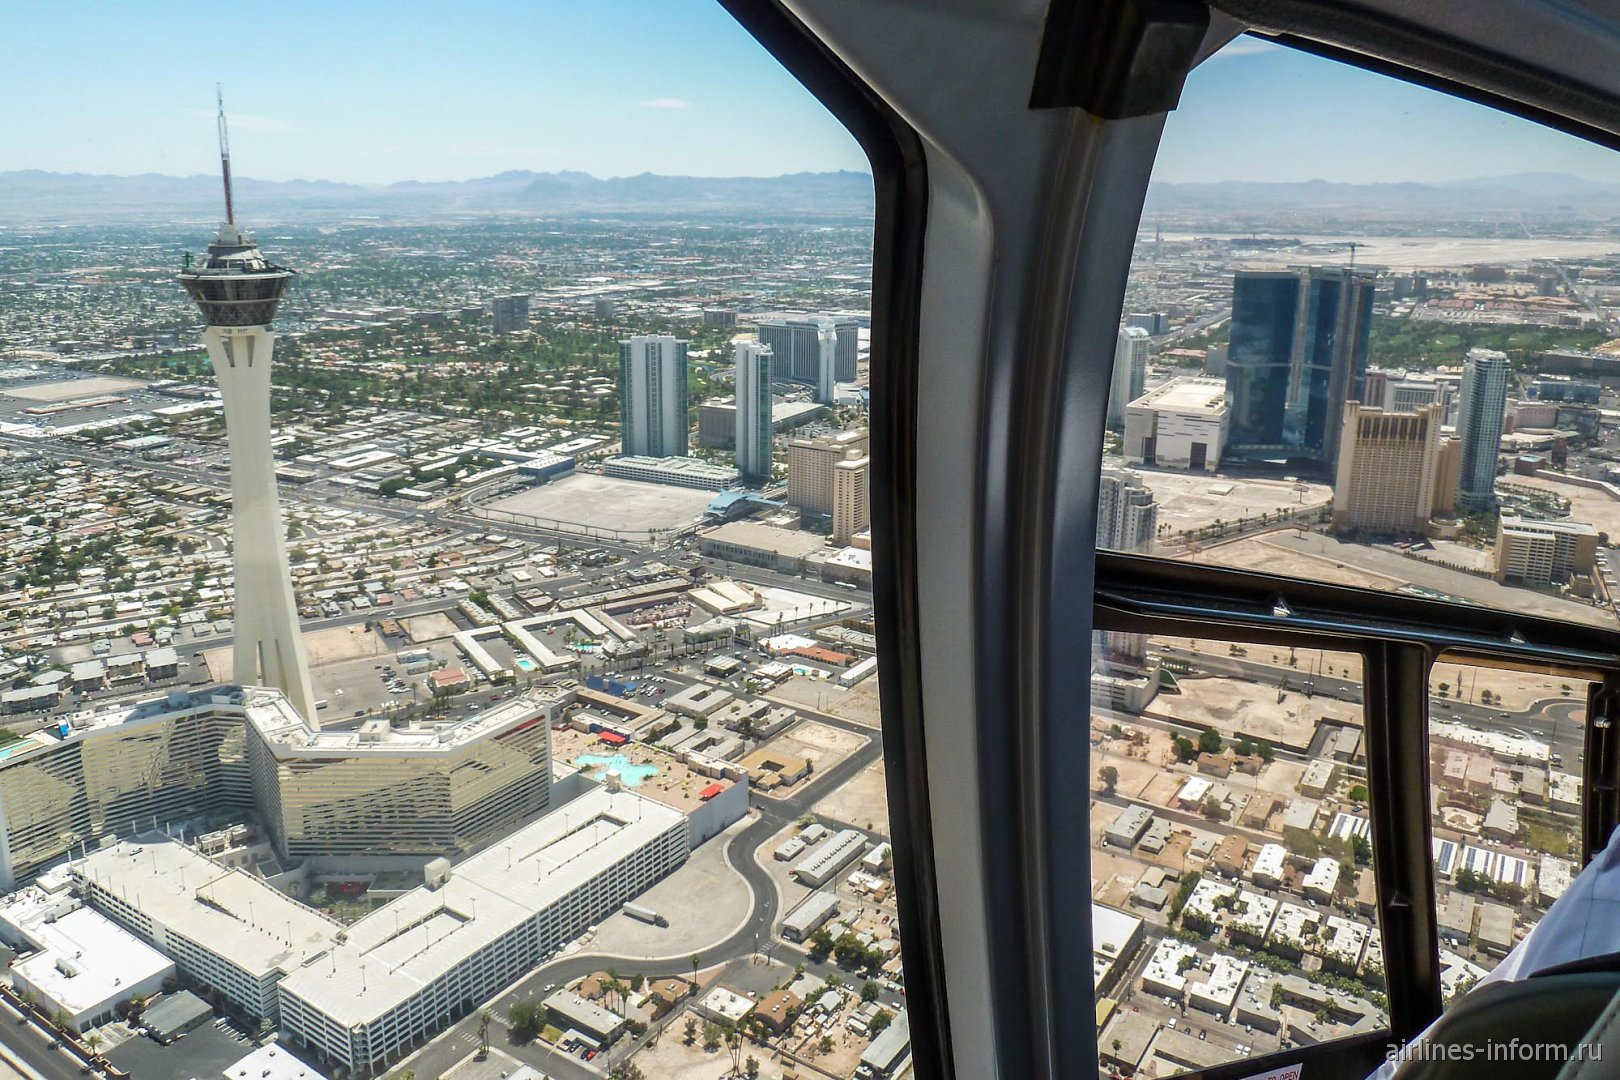 В полете над центром Лас-Вегаса